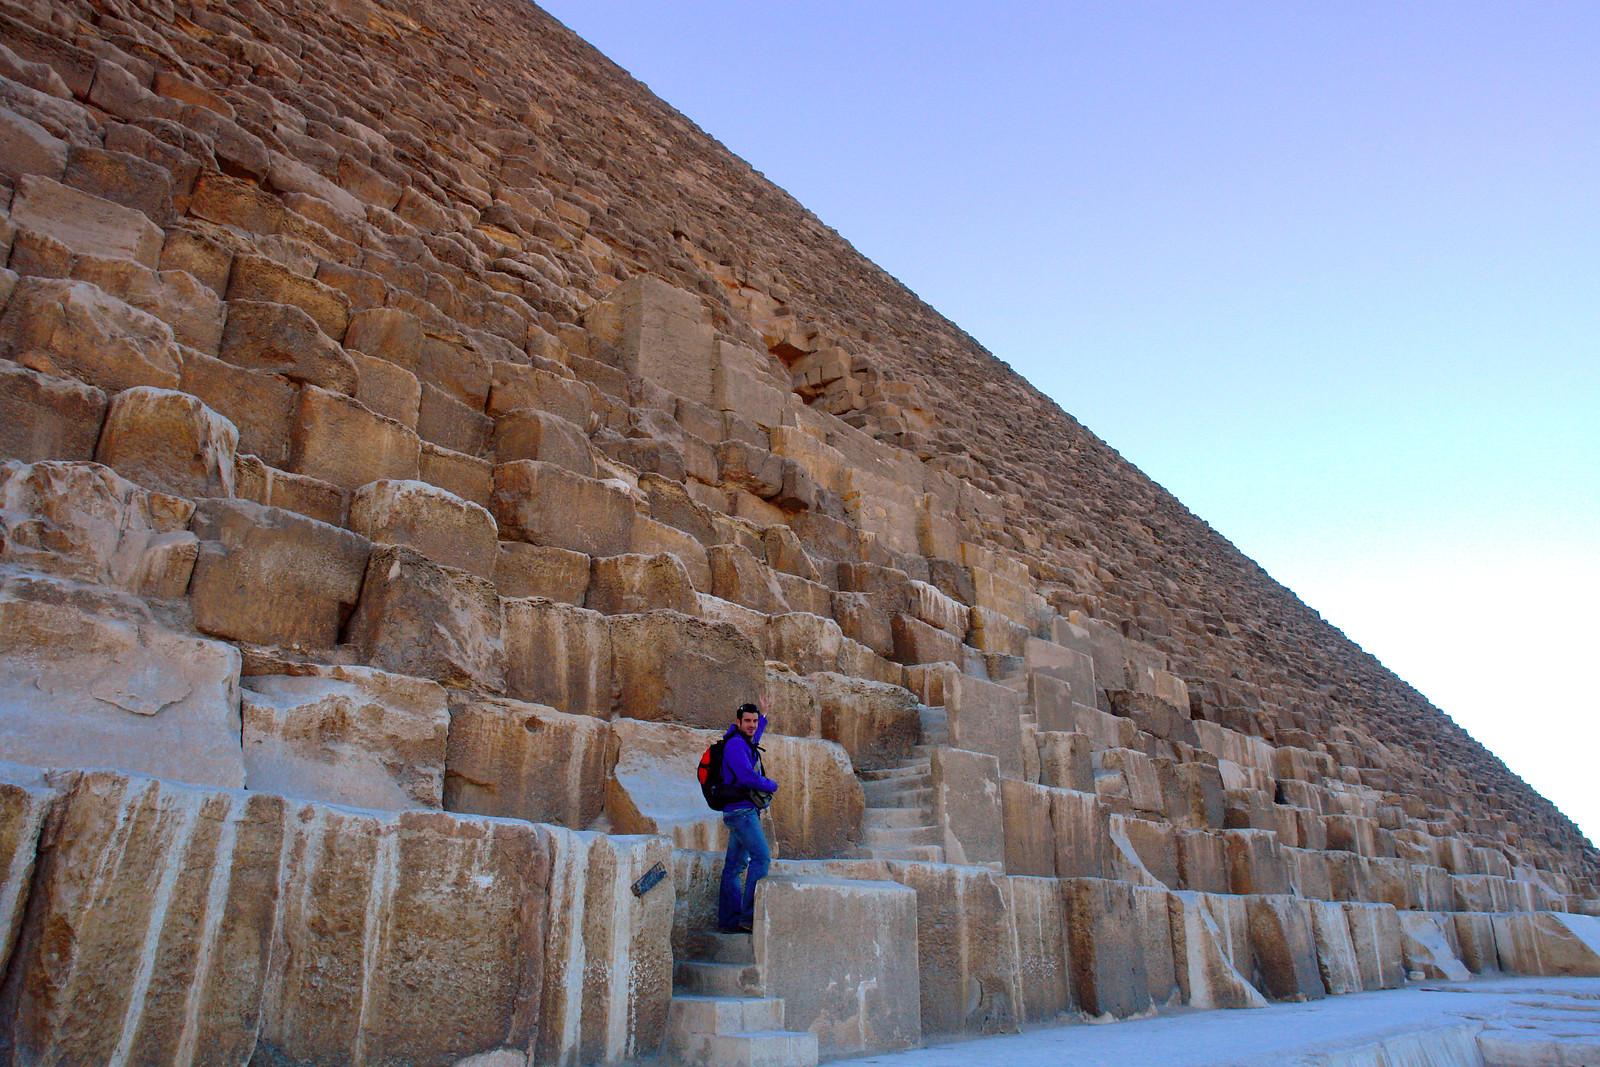 Qué ver en El Cairo, Egipto lugares que visitar en el cairo - 40100558425 c1f5c75dac h - 10+1 lugares que visitar en El Cairo